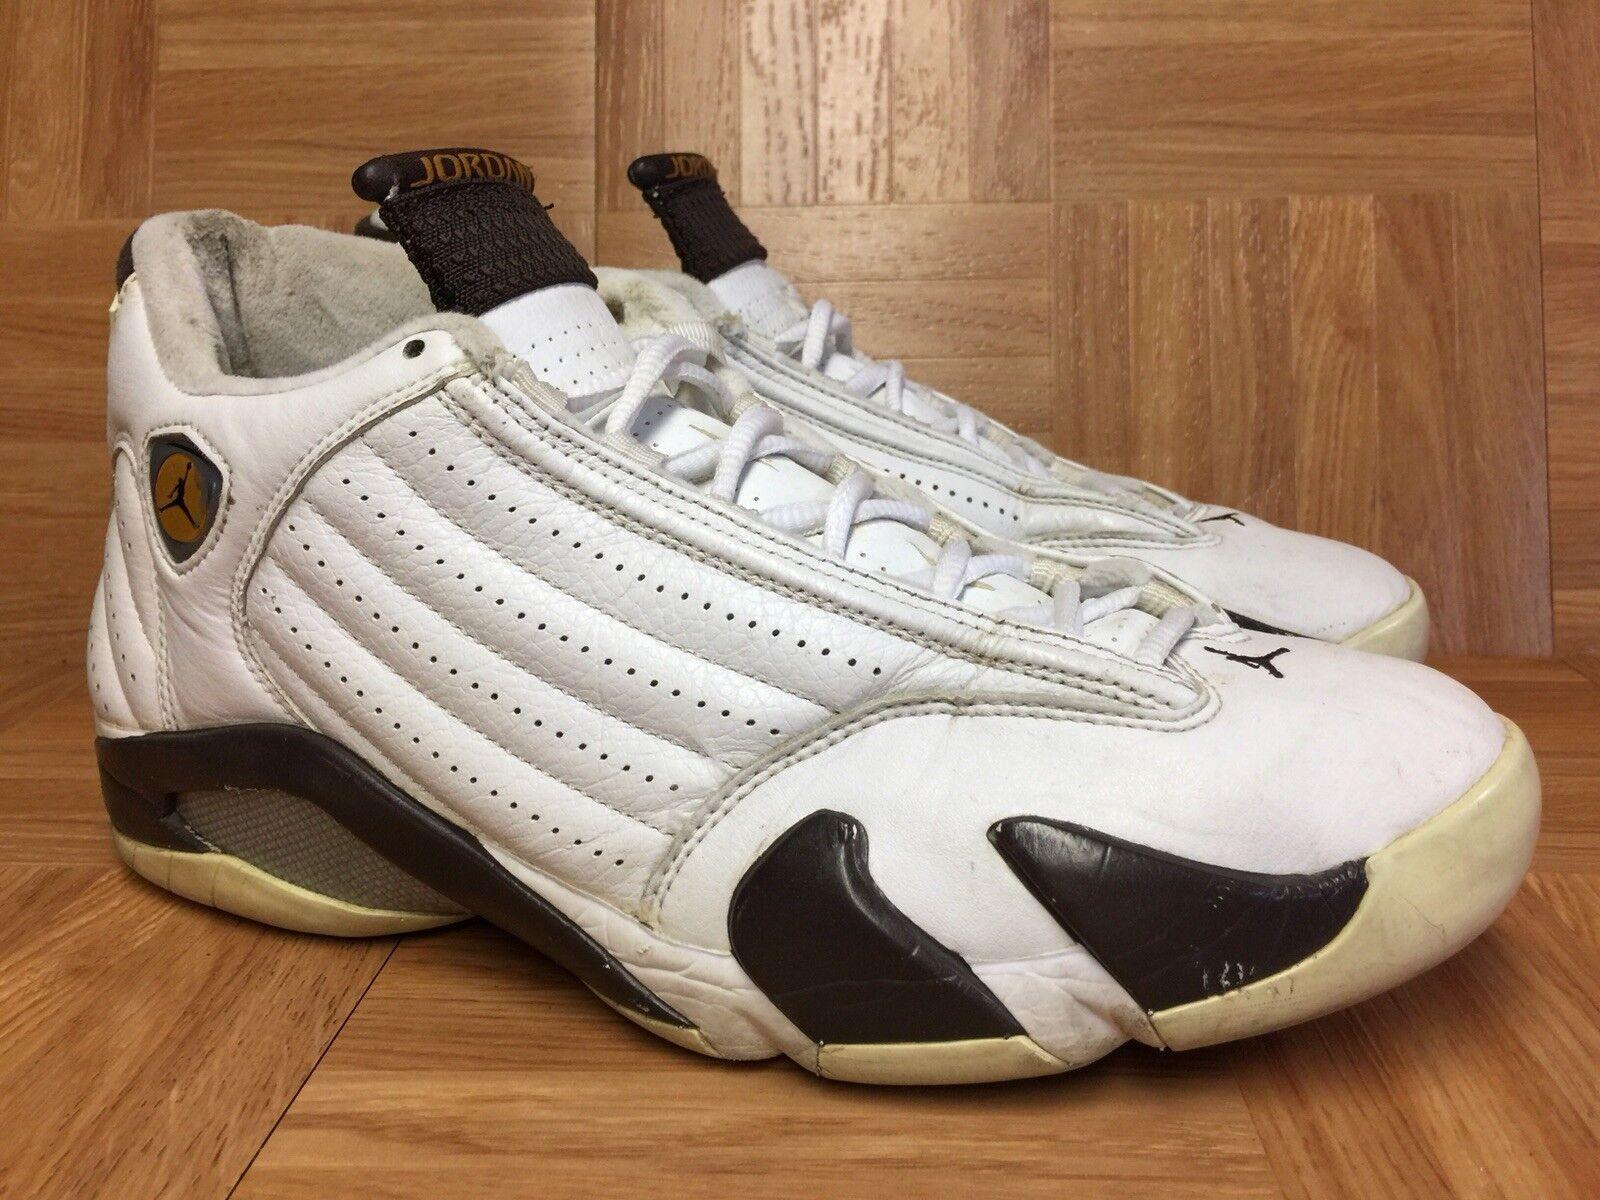 RARE Nike Air Jordan 14 XIV Retro Dark Cinder Chutney '05 10.5 311832-121 VTG